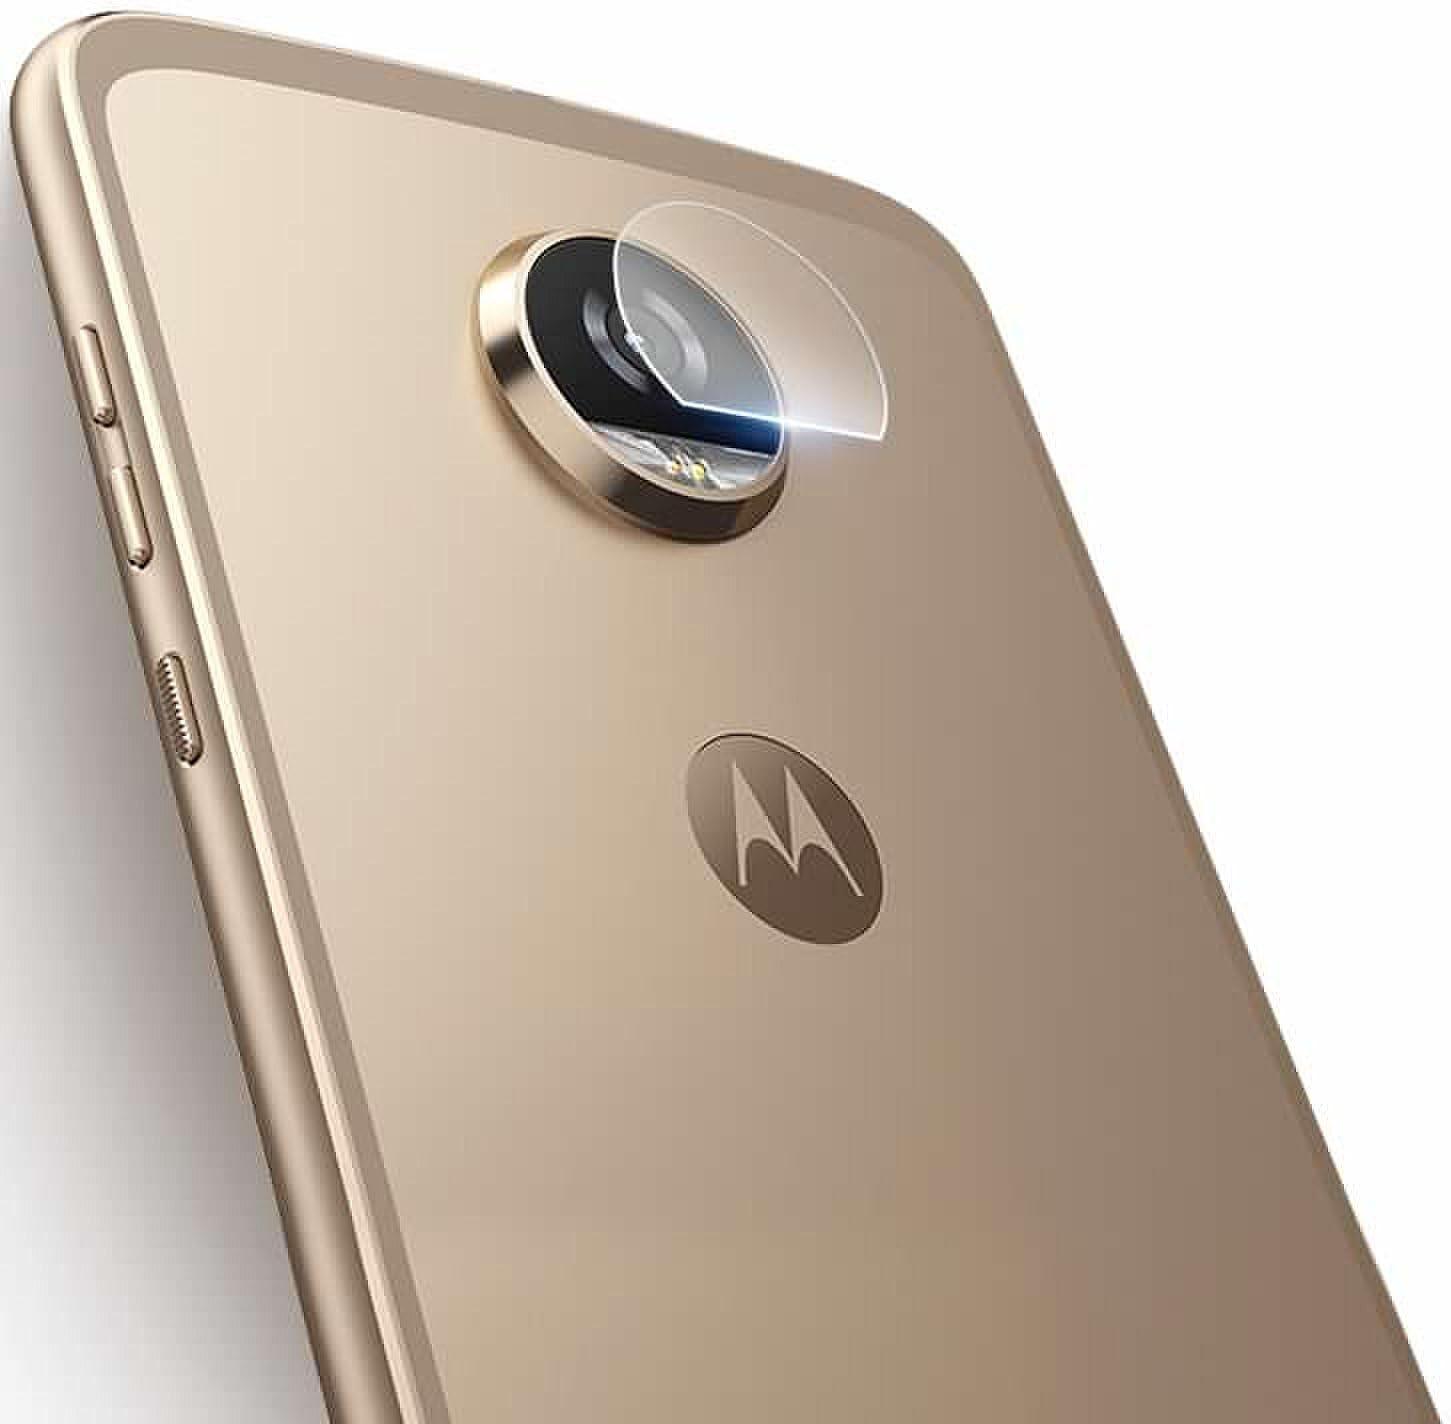 YANSHG Motorola serie de visión trasera lente de la cámara clara de vidrio templado para Motorola MOTO G6 G5 + G5 G5S G5 más Z Z2 jugar M x4 volver lente de